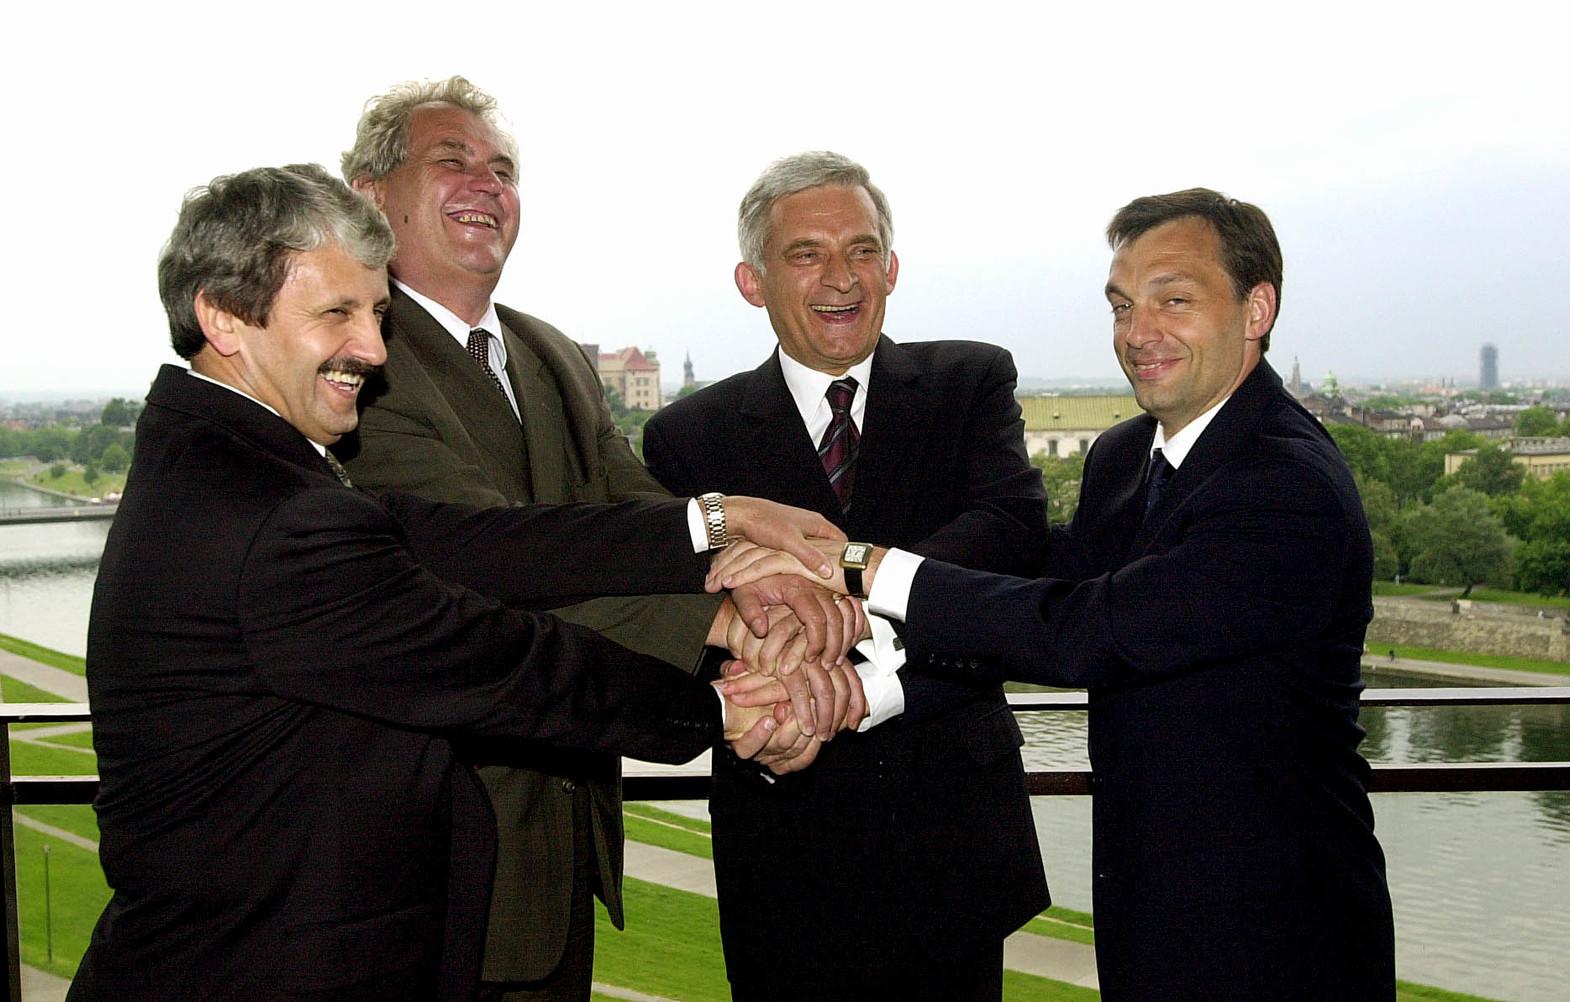 Krakkó, 2001. május 31.  Orbán Viktor miniszterelnök Krakkóba érkezett, ahol részt vesz a Visegrádi Csoportba tartozó négy állam kormányfői találkozóján. A csúcstalálkozó jubileumnak számít, mert tíz évvel ezelőtt, 1991. február 19-én fogadták el akkor még három ország vezetői Visegrádon az együttműködésről szóló megállapodást. A képen: Mikulás Dzurinda szlovák, Milos Zeman cseh, Jerzy Buzek lengyel és Orbán Viktor magyar kormányfő a krakkói királyi várra néző Sofitel Szálloda teraszán. MTI Fotó: Koszticsák Szilárd